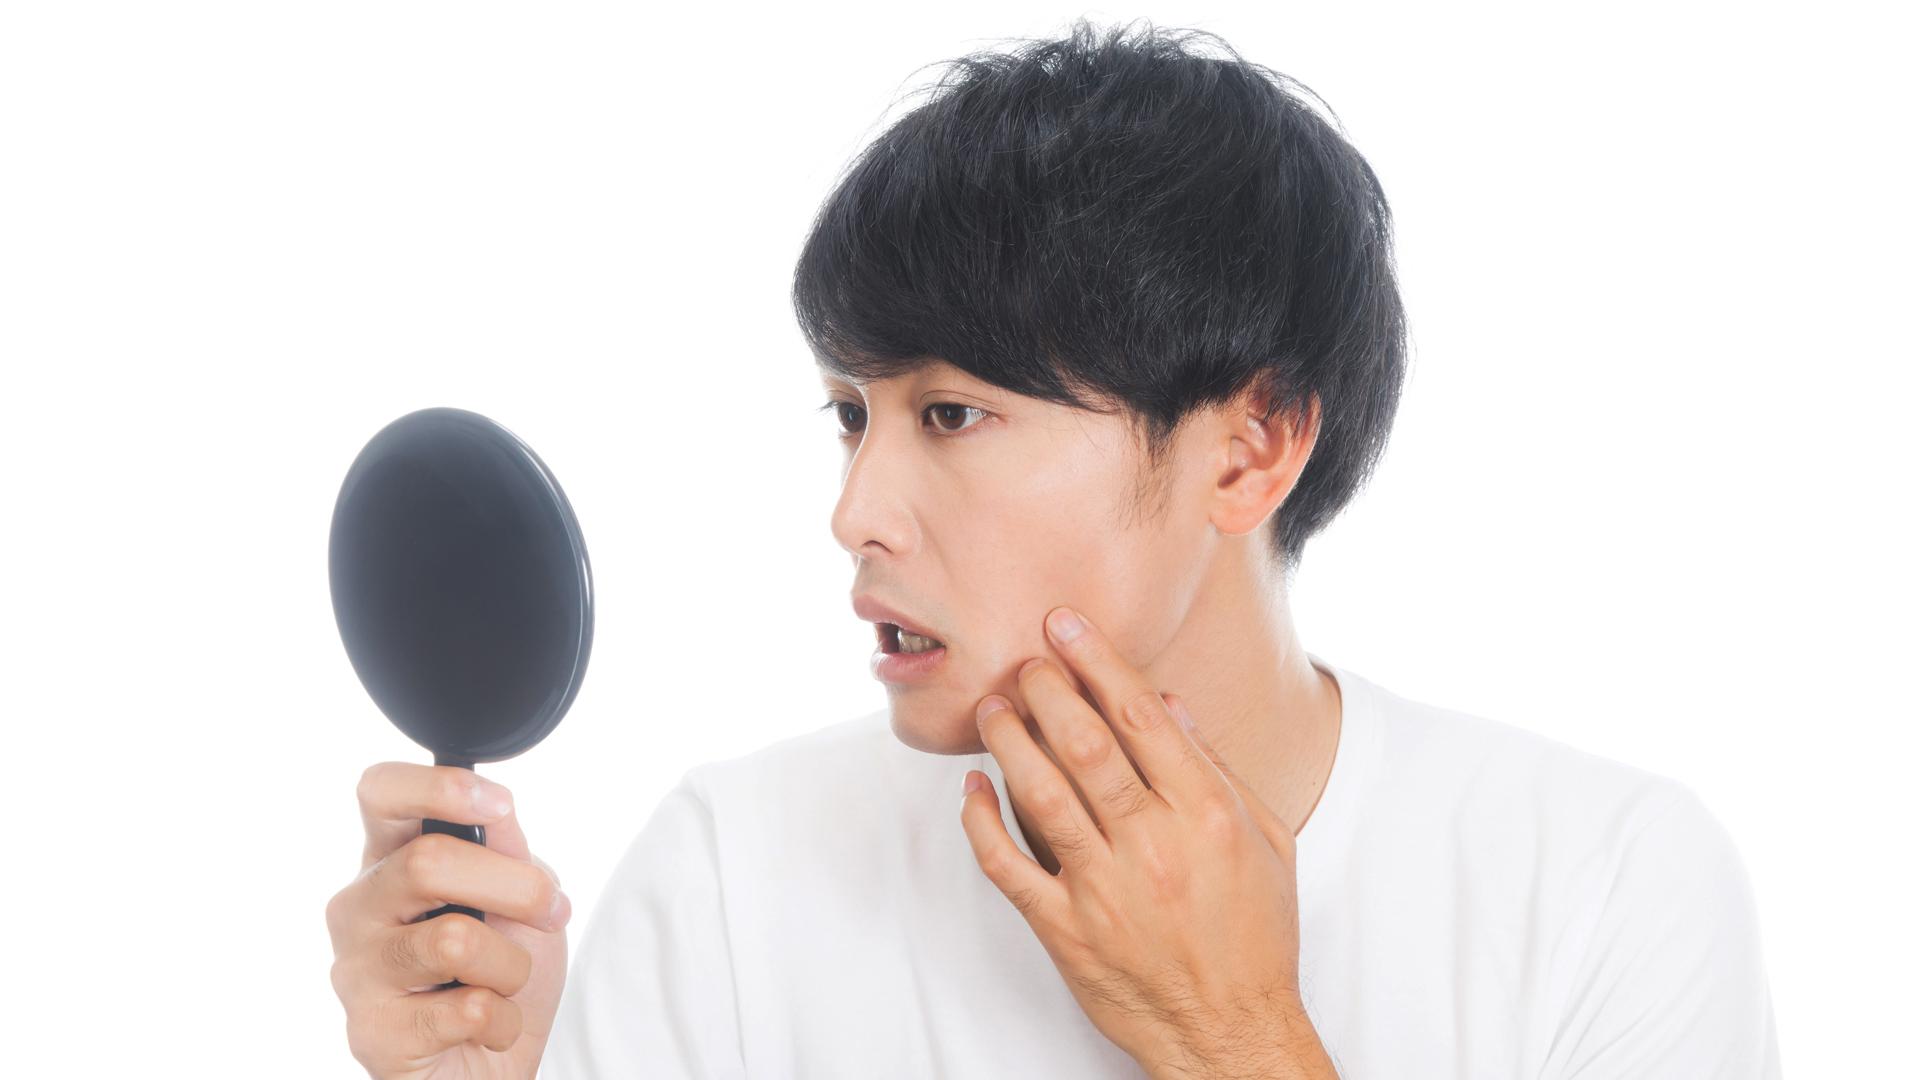 【スキンケア】男の乾燥肌対策は何をすればいい?【正しいケア方法】